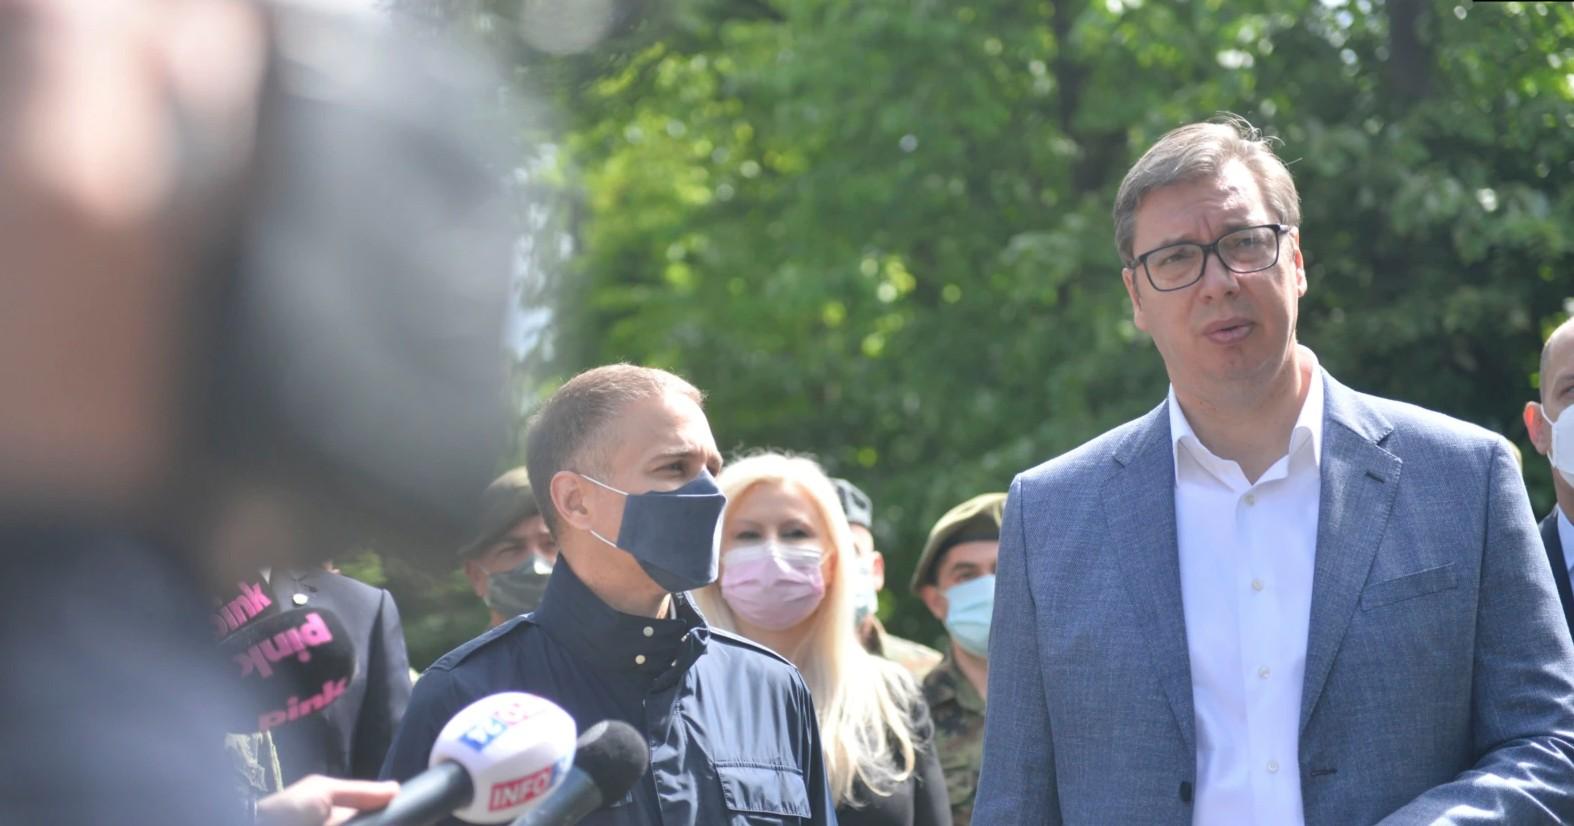 Vuçiq: Nuk na duhet konflikt i ngrirë me Kosovën, ato përfundojnë me qindra e mijëra vdekur